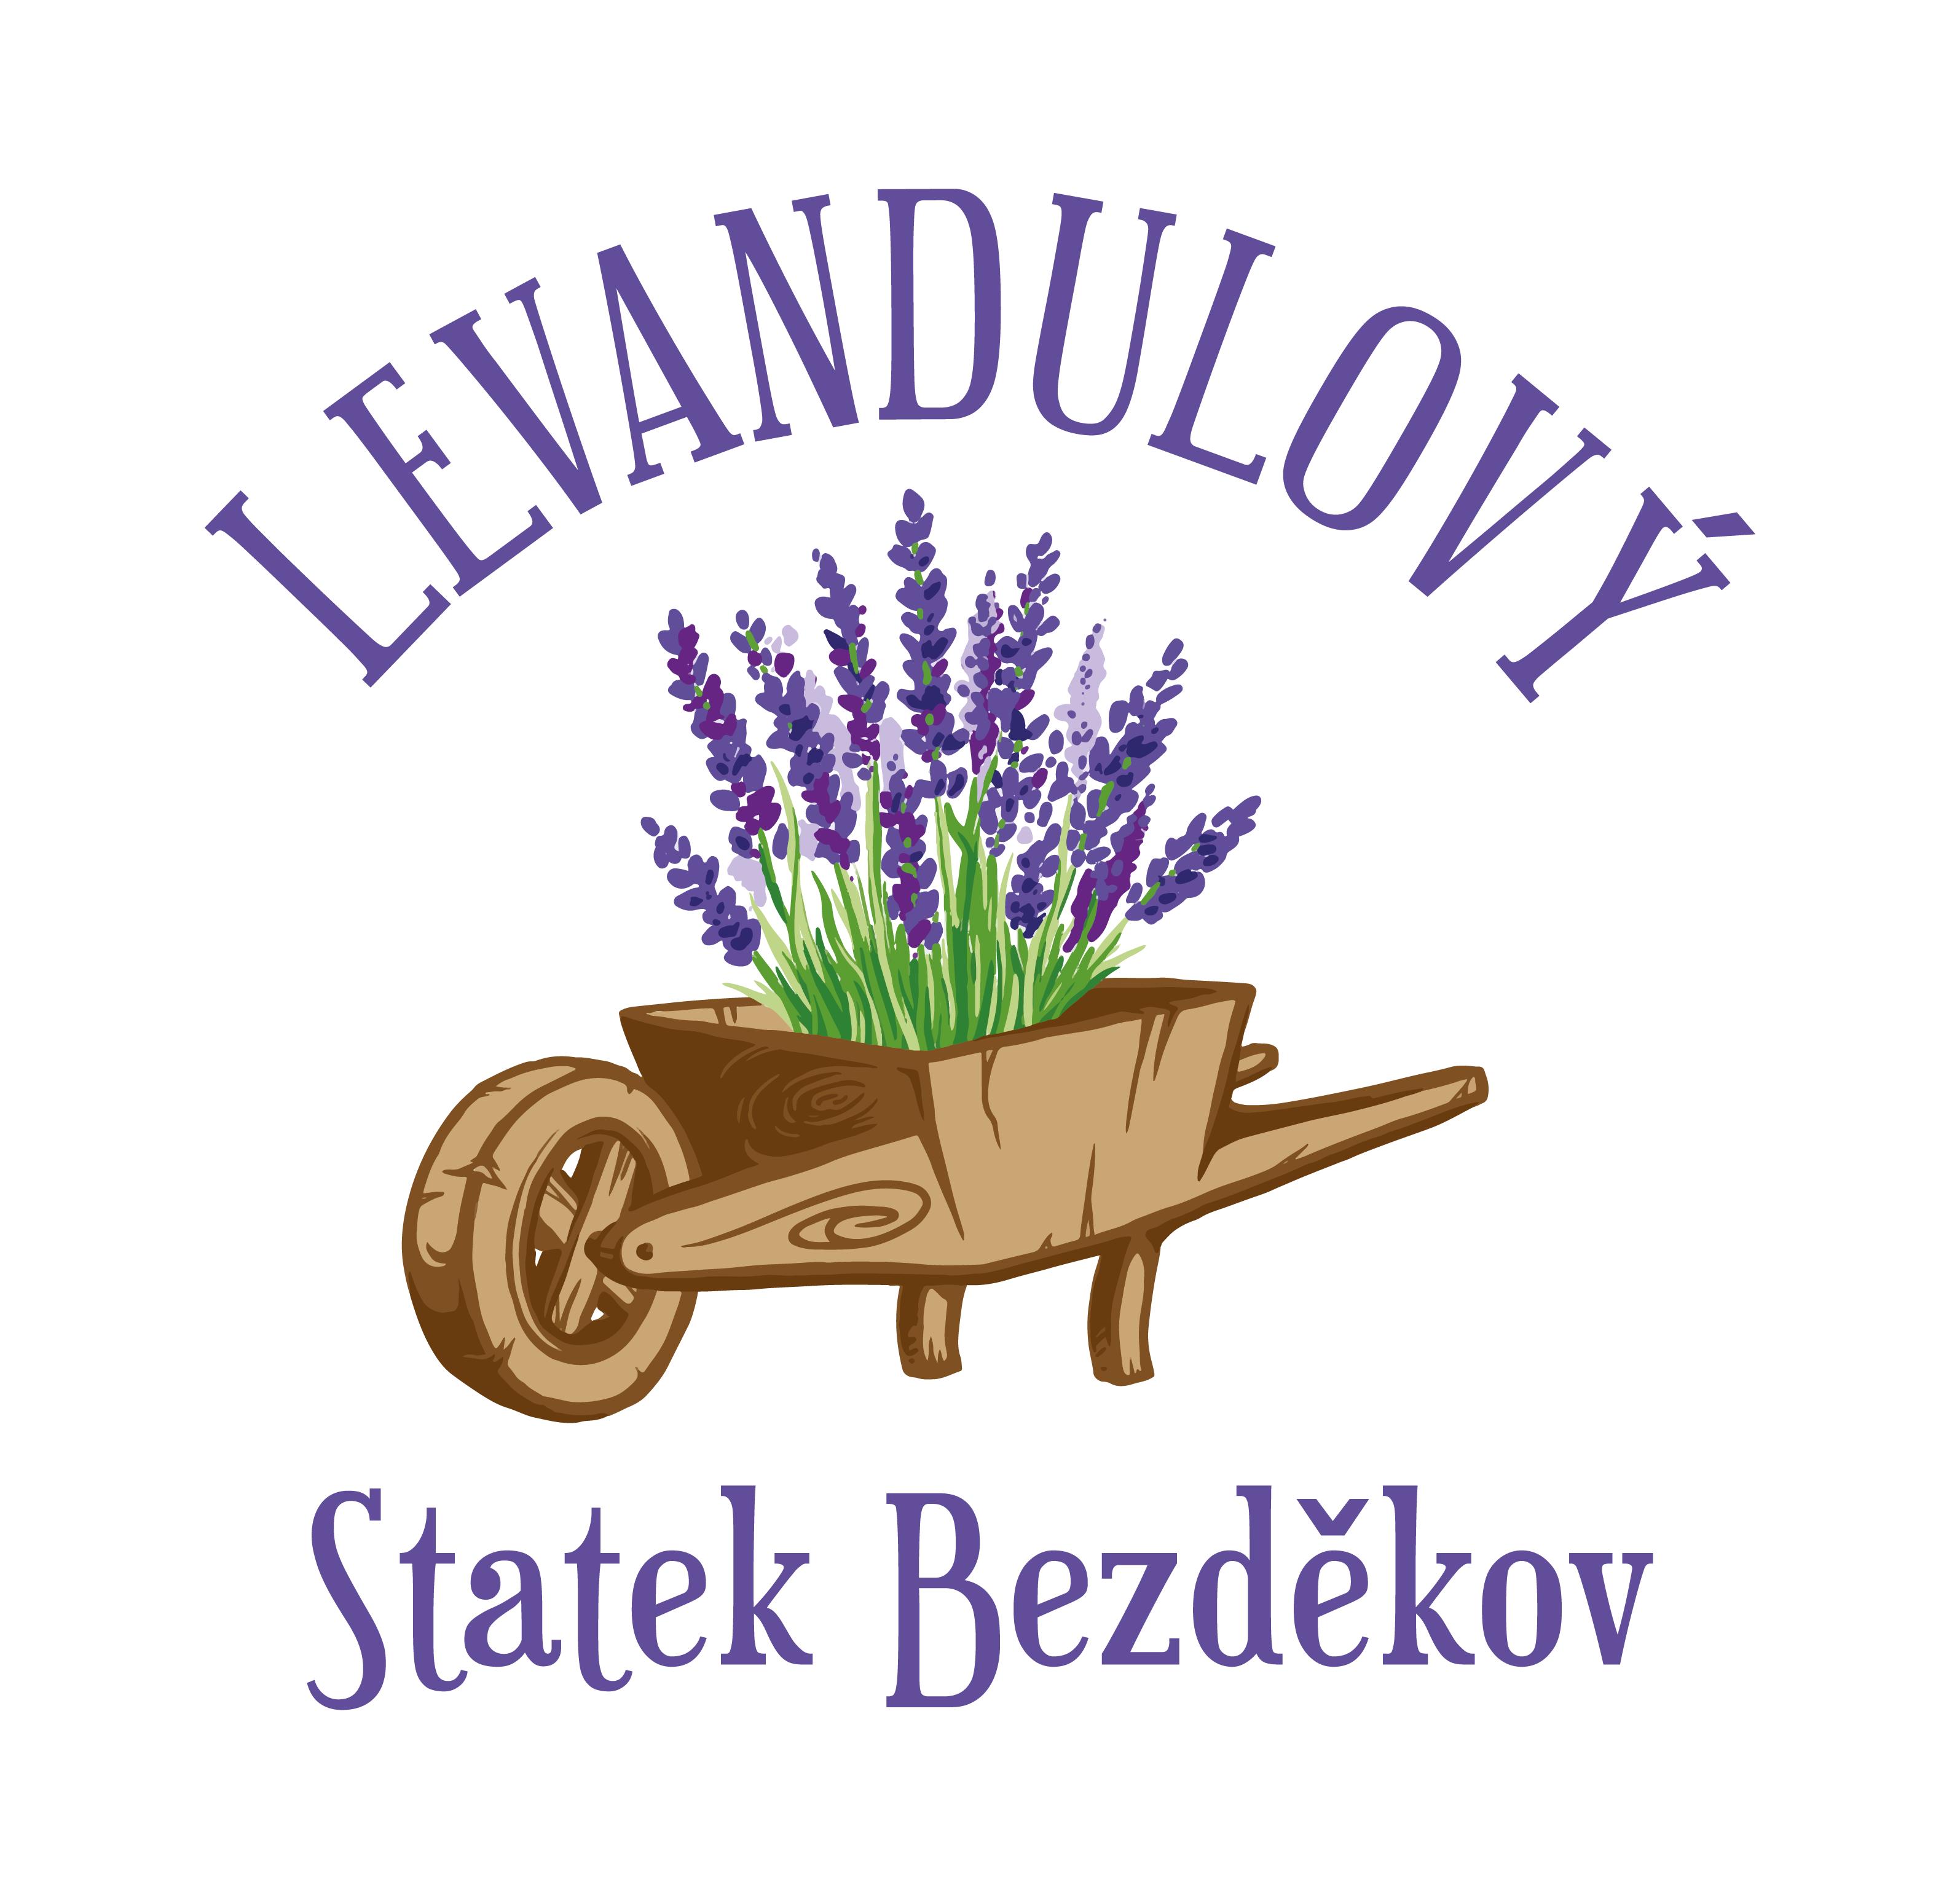 levandule Bezděkov